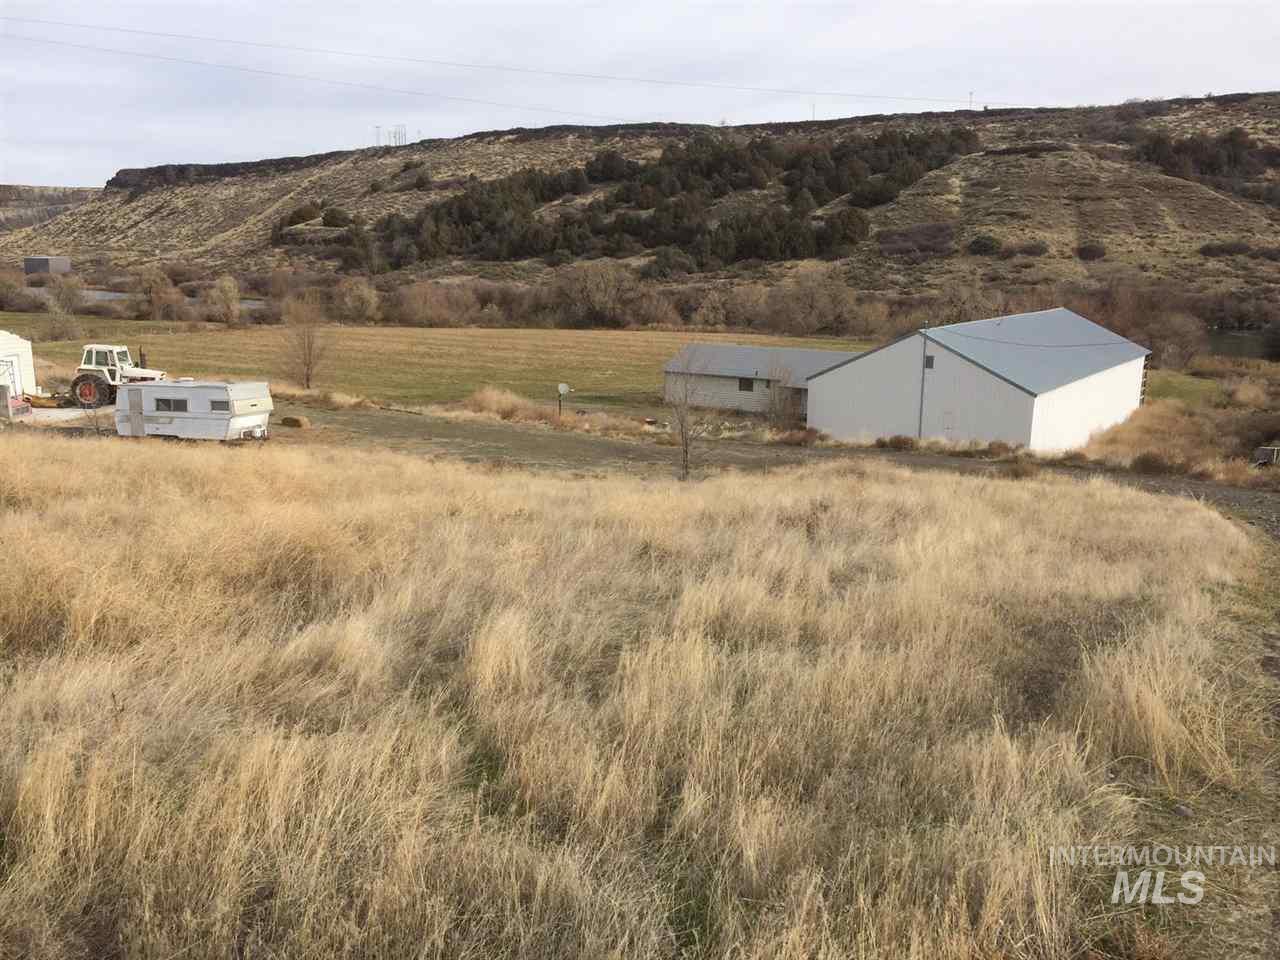 Single Family Home for Sale at 4785 1115 E 4785 1115 E Buhl, Idaho 83316